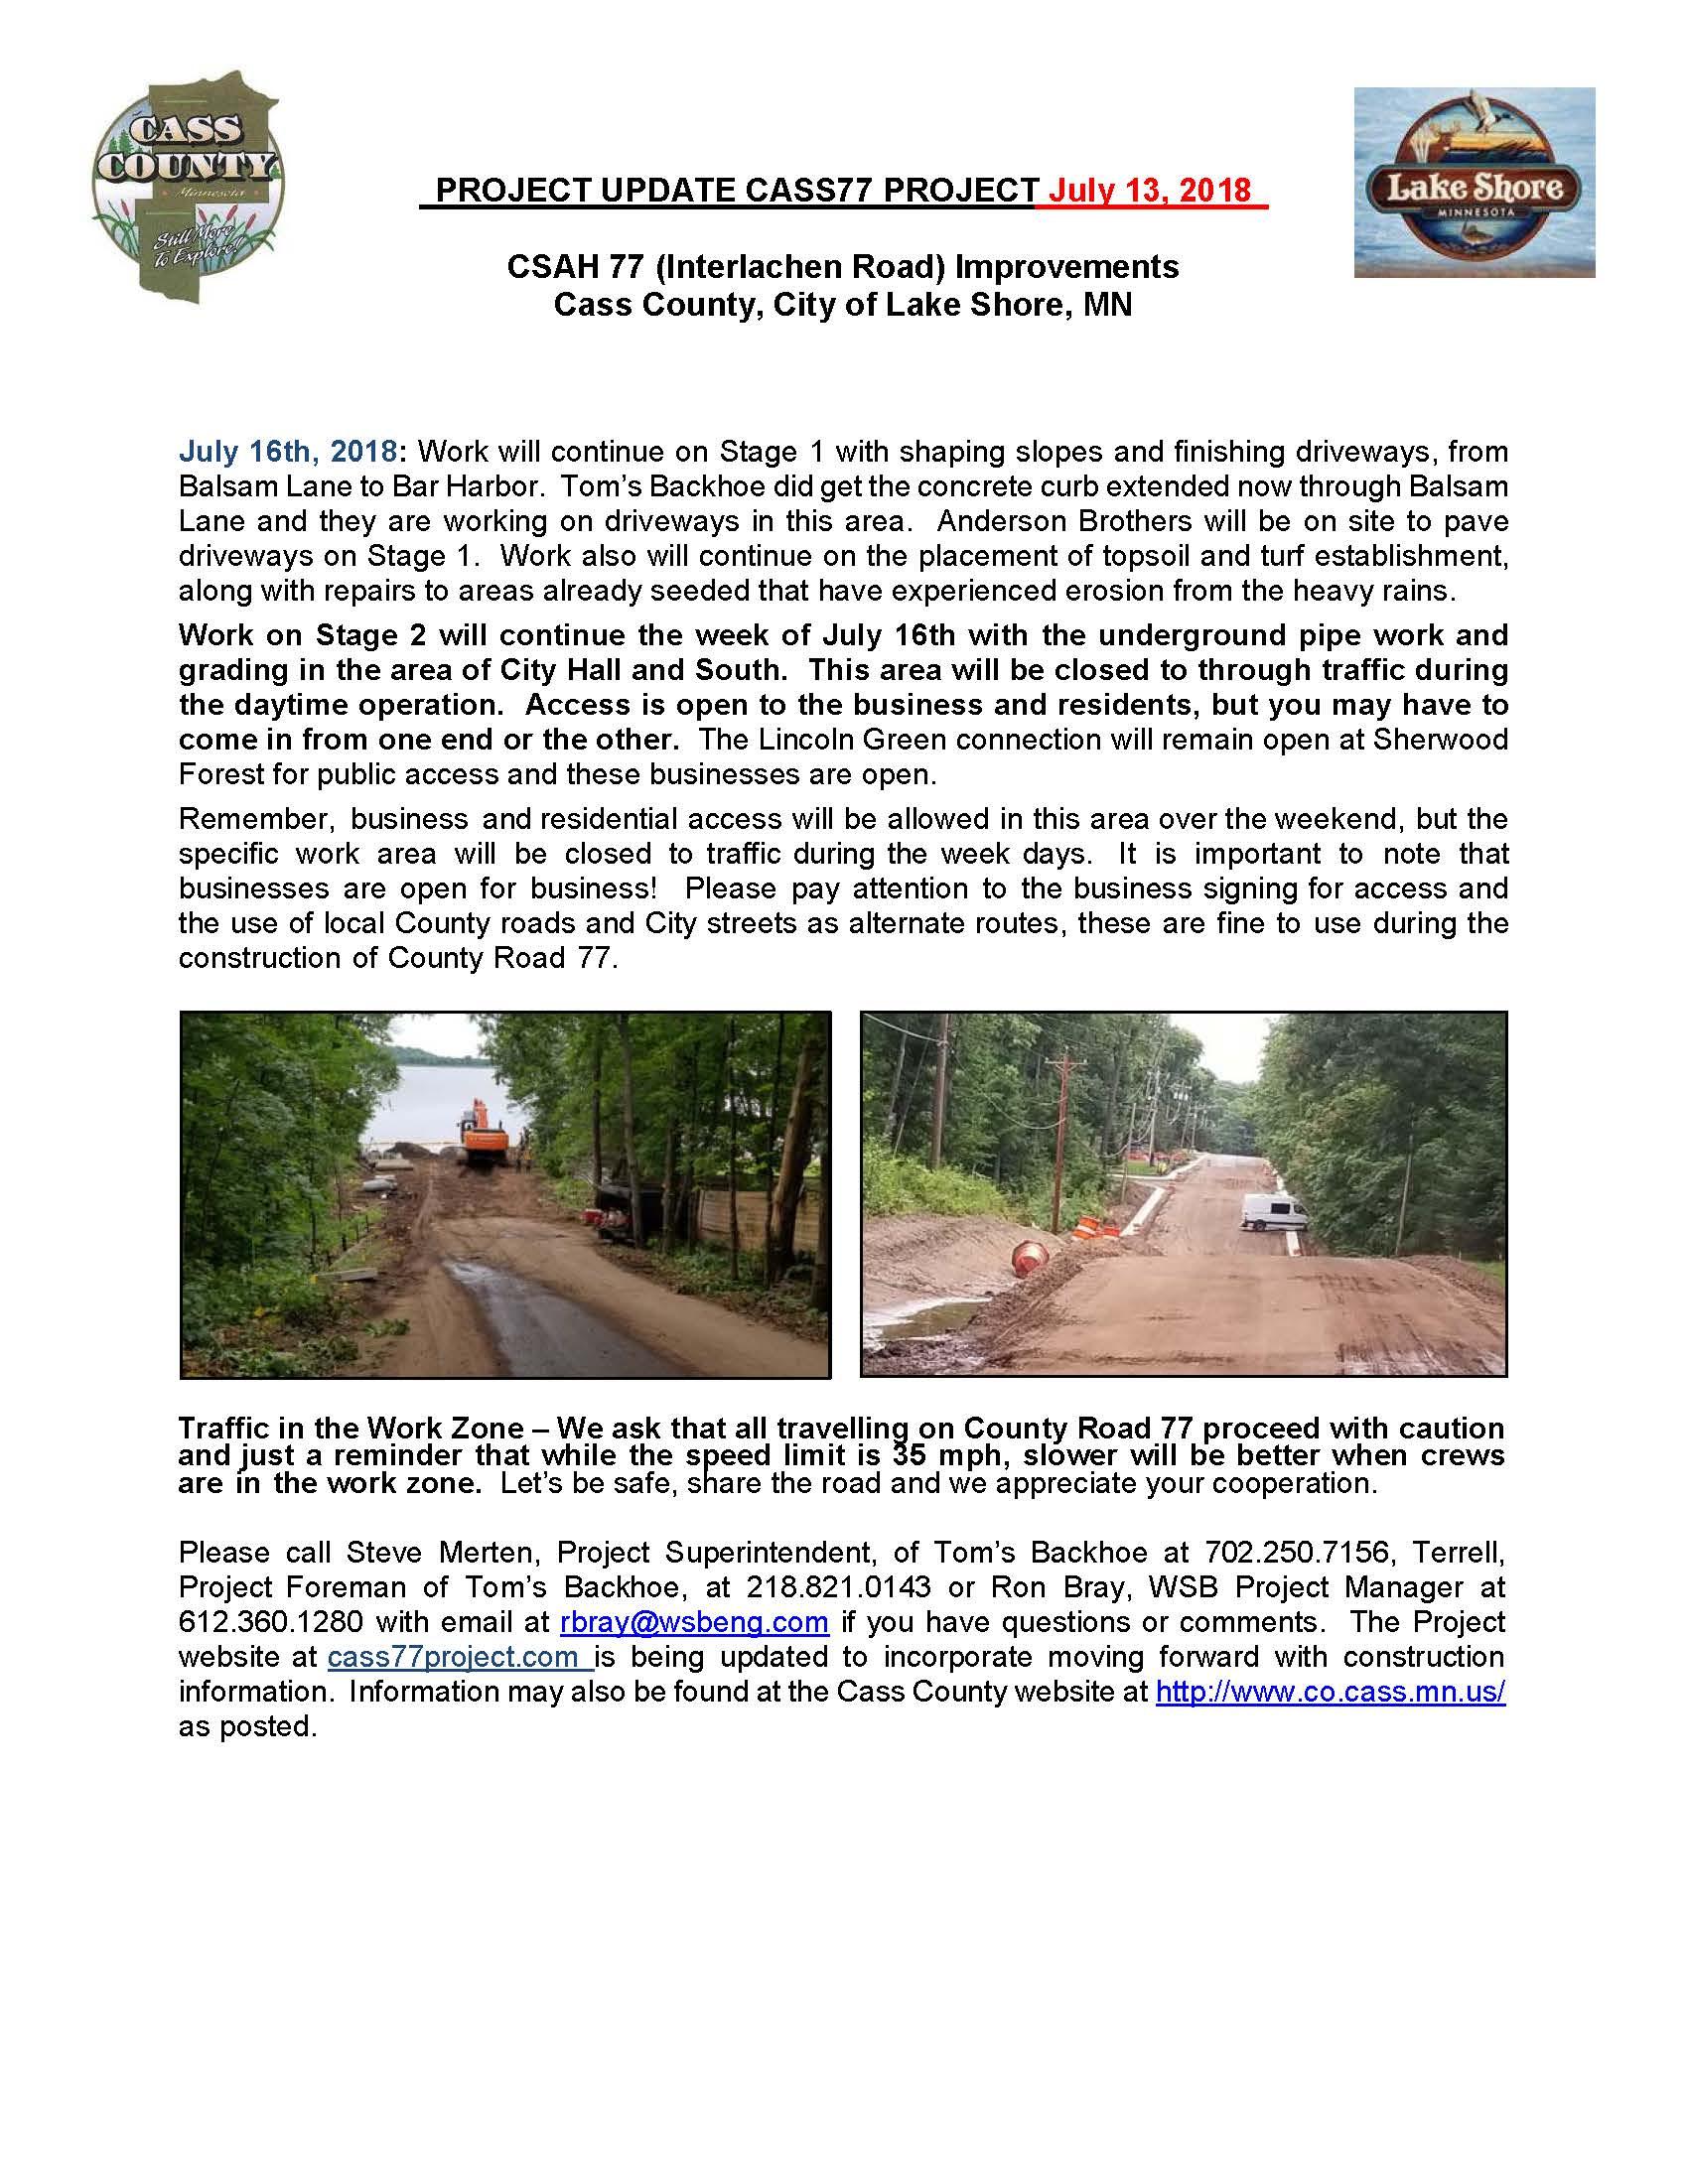 Cass County CSAH 77 Project update July 13 2018.jpg